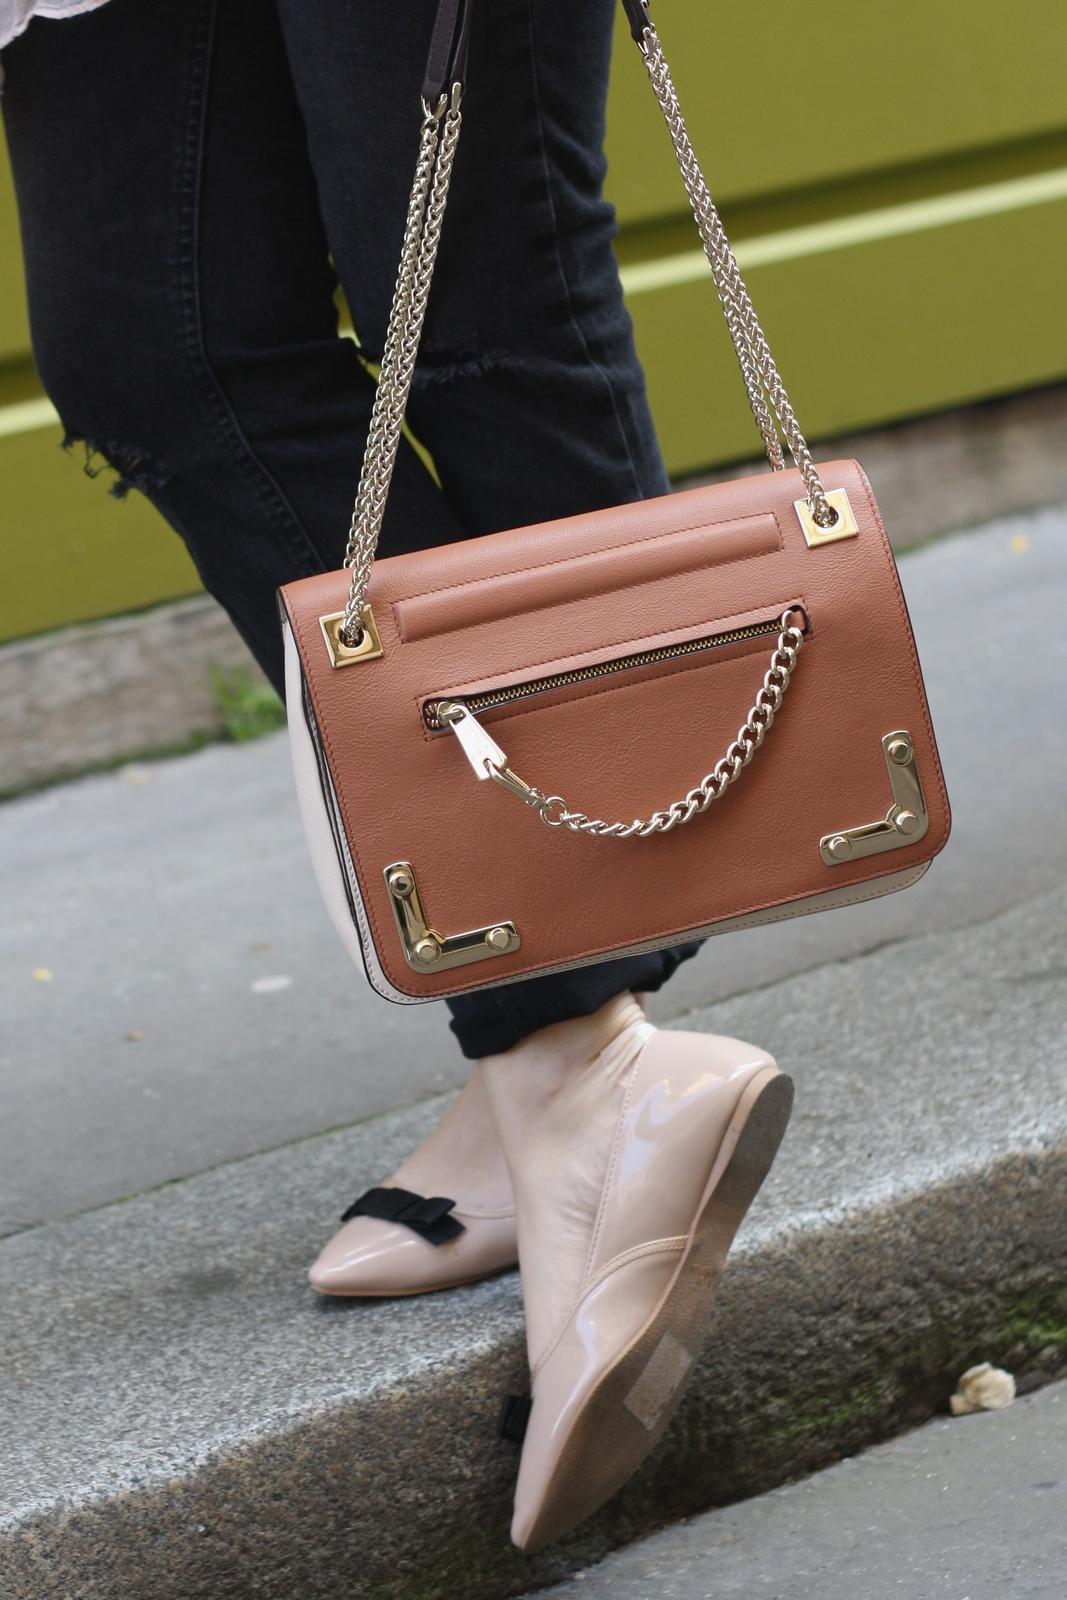 Blog mode femme Paris - Du style, Madame - furla - bag - sac